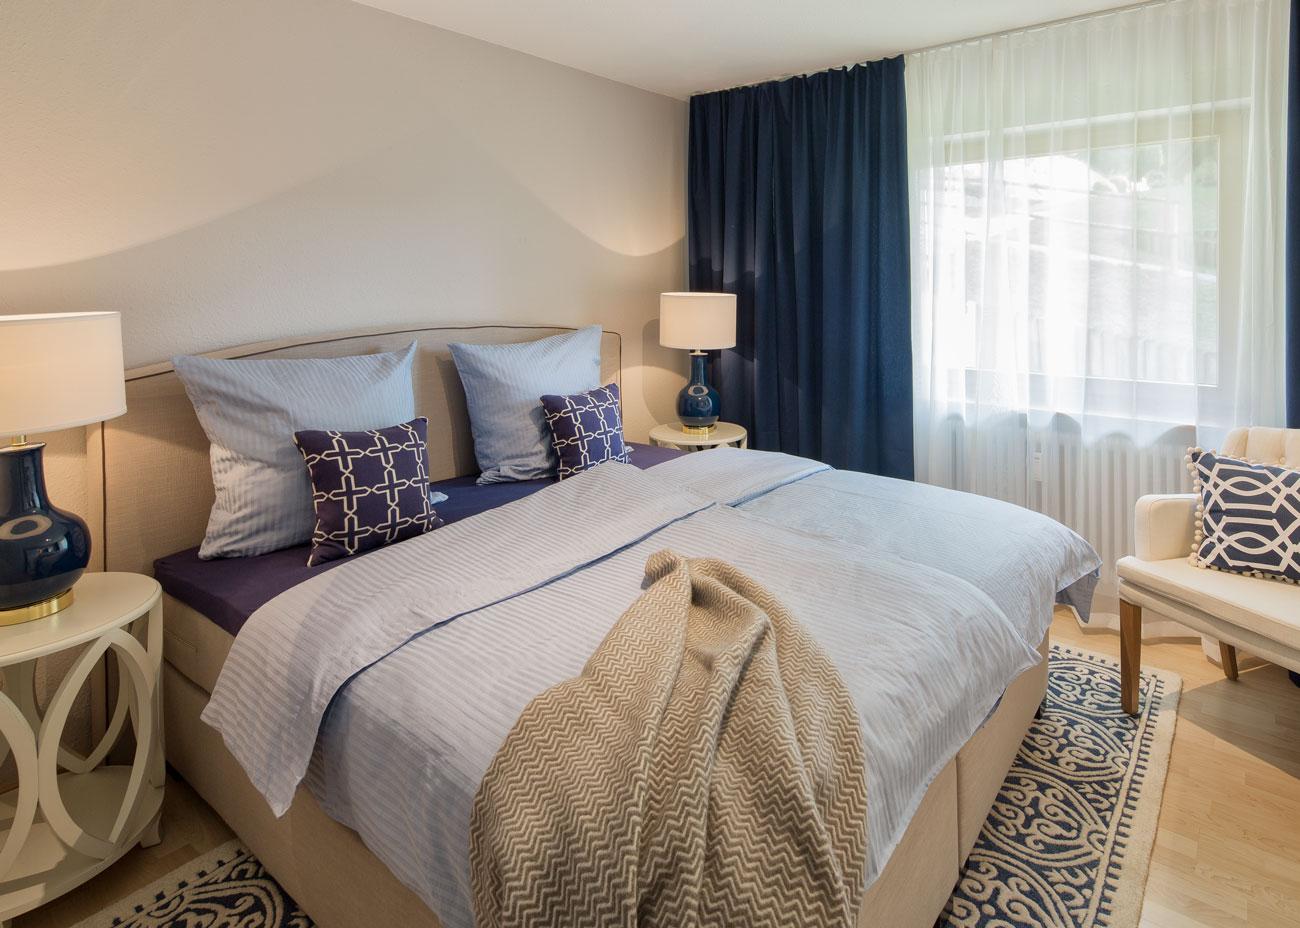 Wohnung Gemutlich Einrichten Interior Design Konzept Homemate